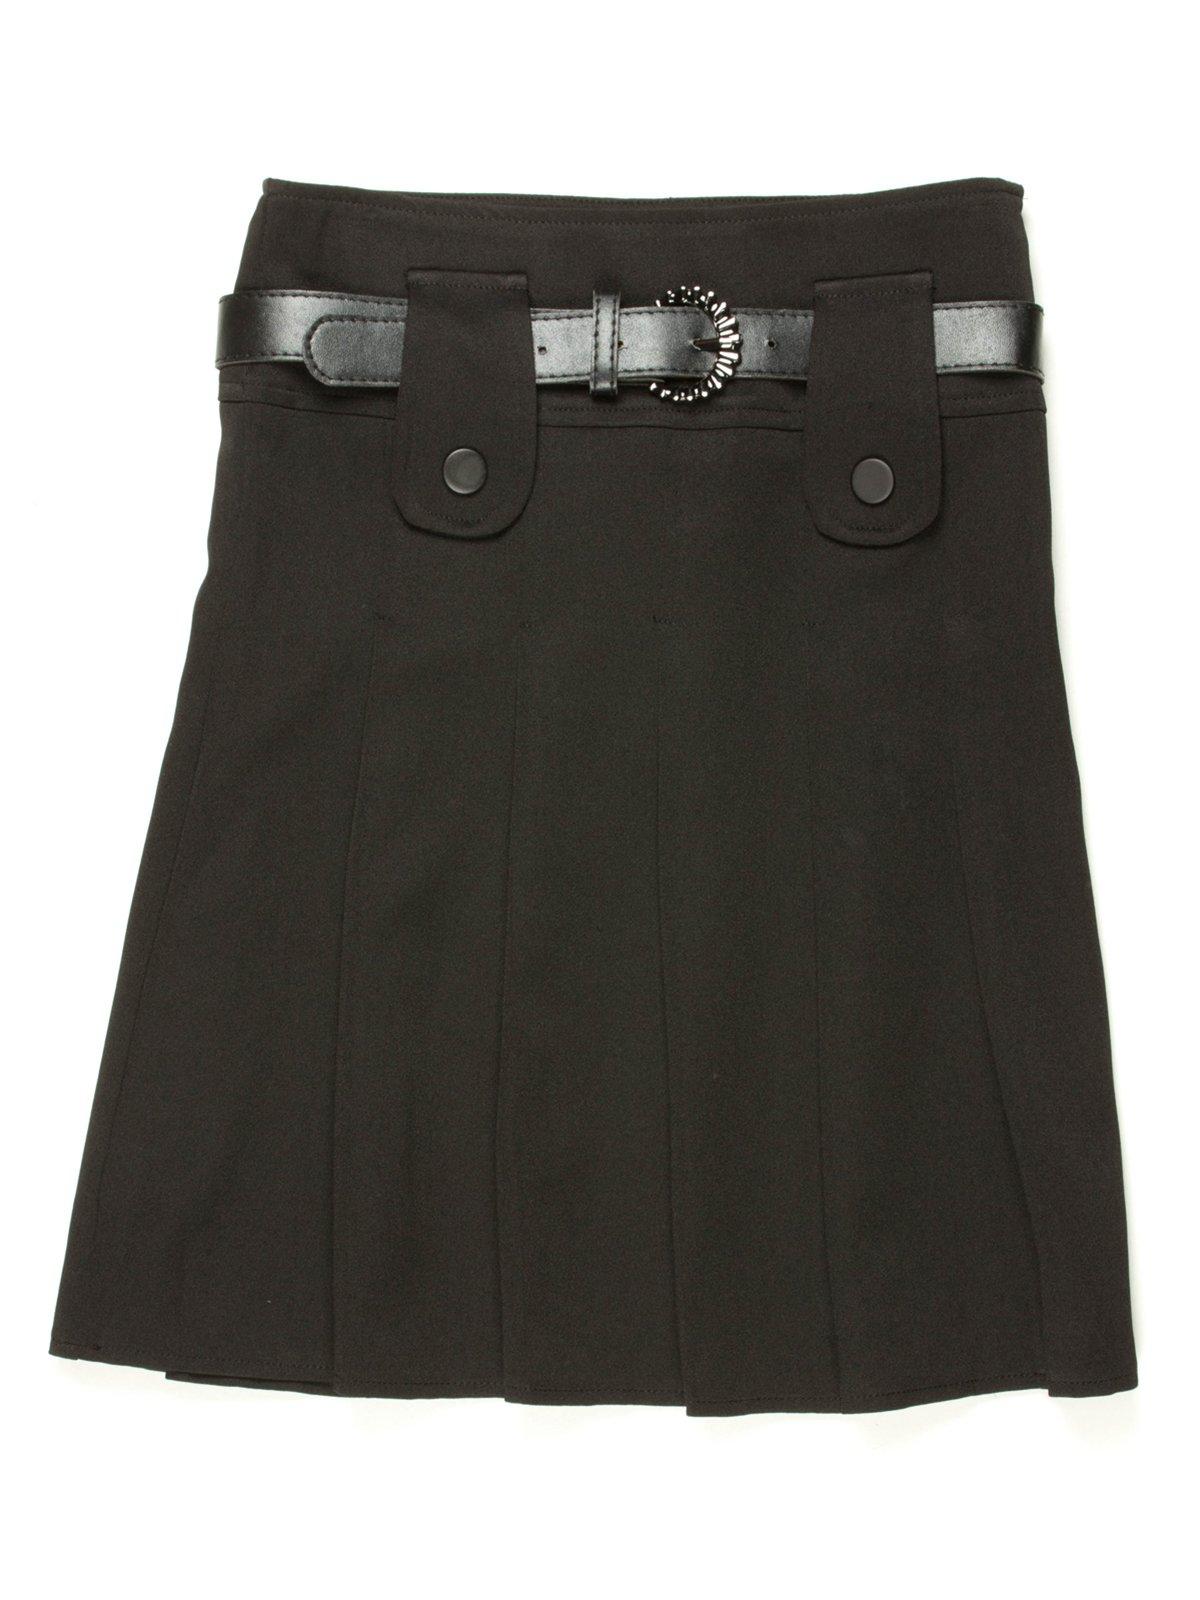 Юбка черная со складками и ремешком | 514120